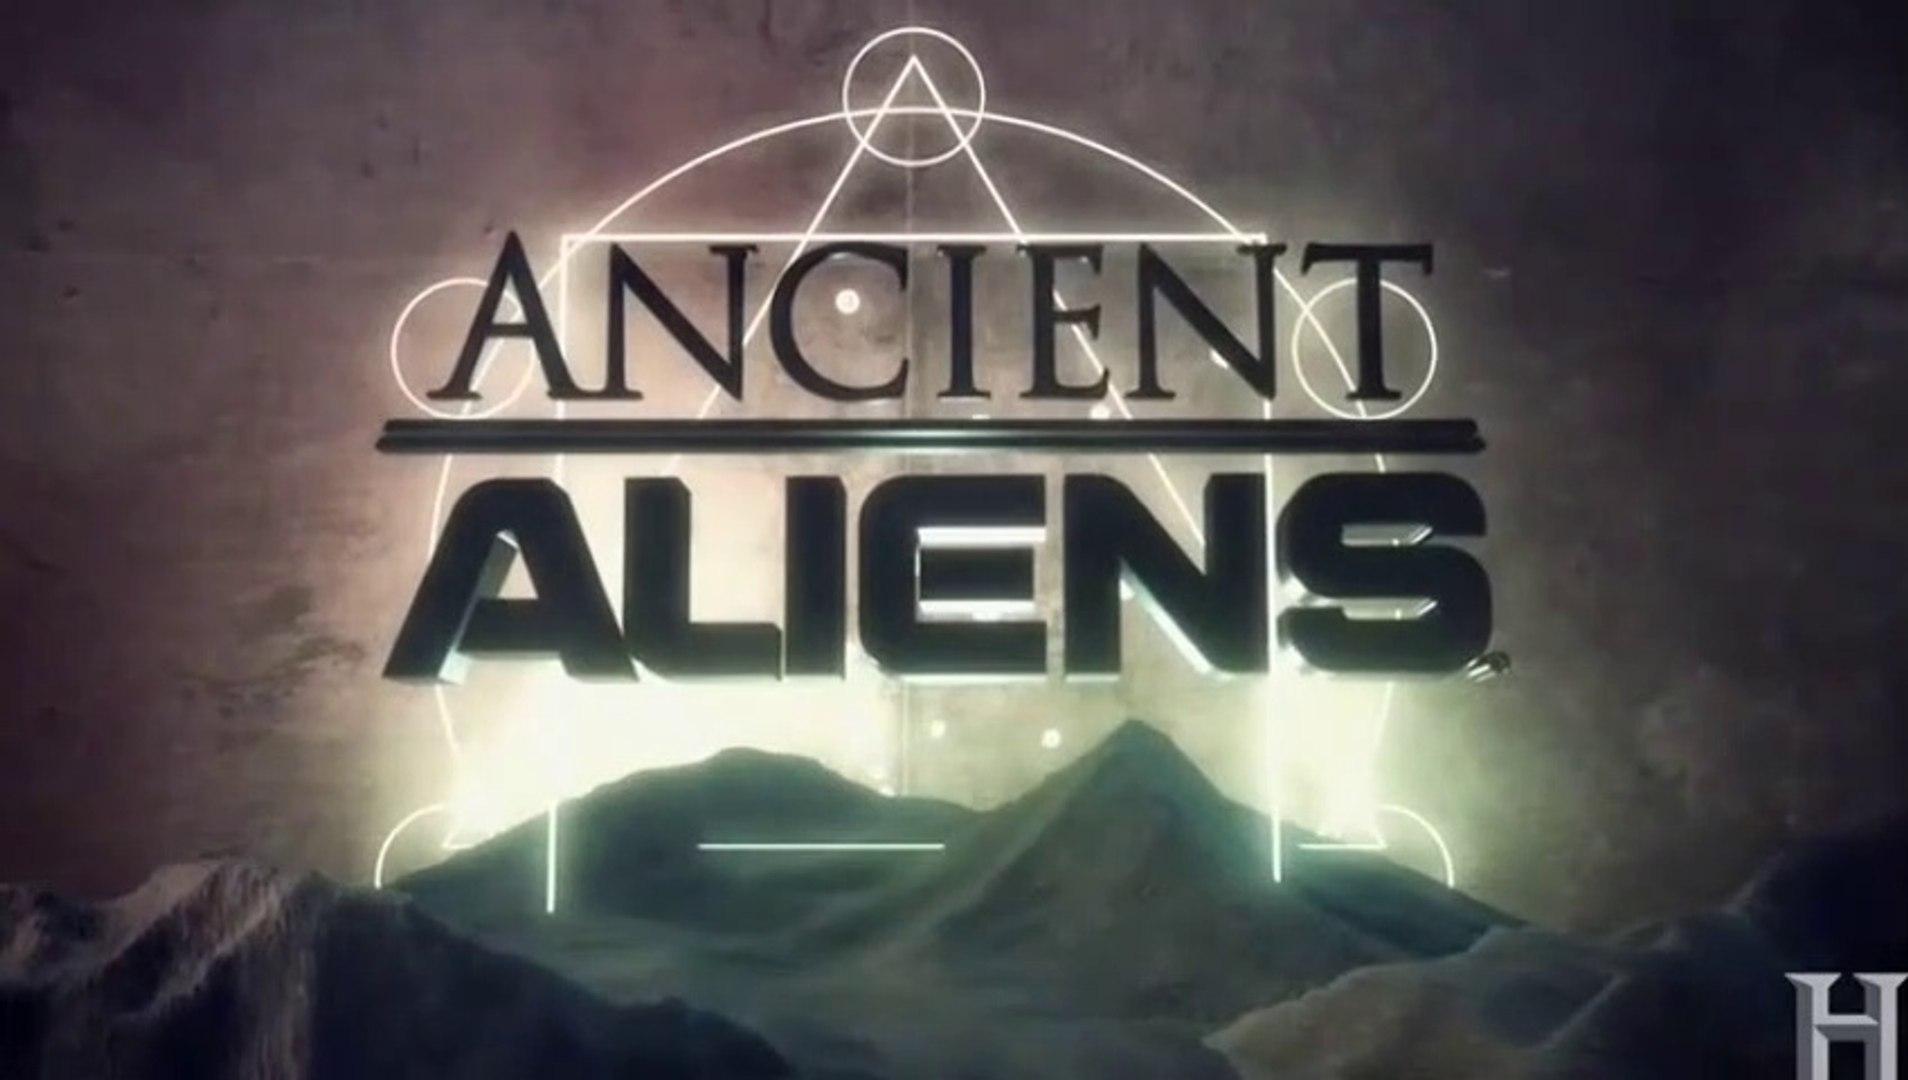 Ancient Aliens - Season 14 Episode 9 - The Alien Infection   8 02 2019